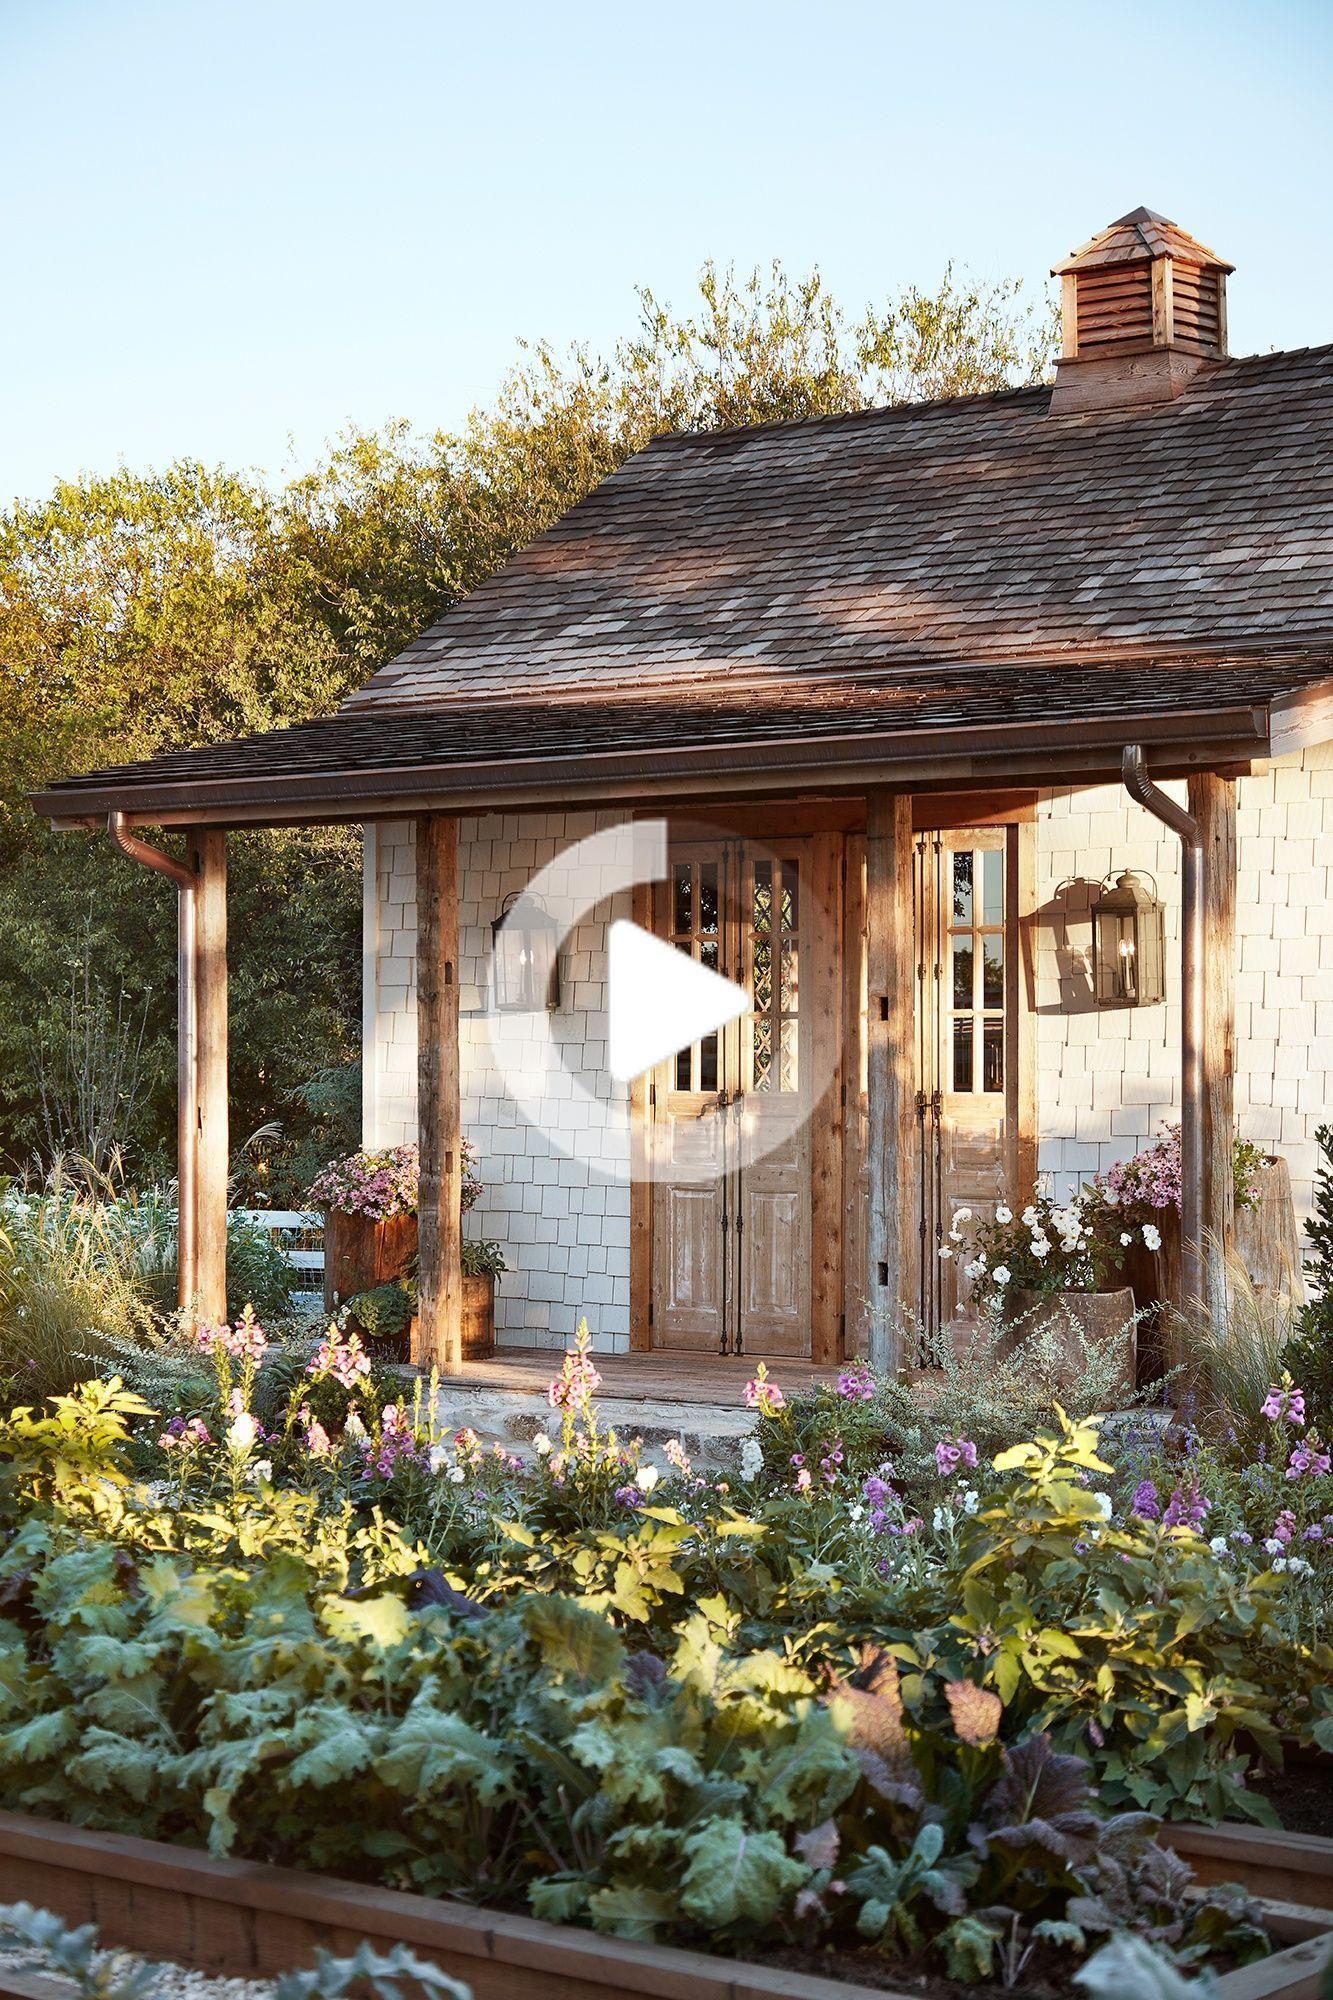 82d419f156ce306131d00deeaa9140bf - Better Homes And Gardens Season 5 Episode 2